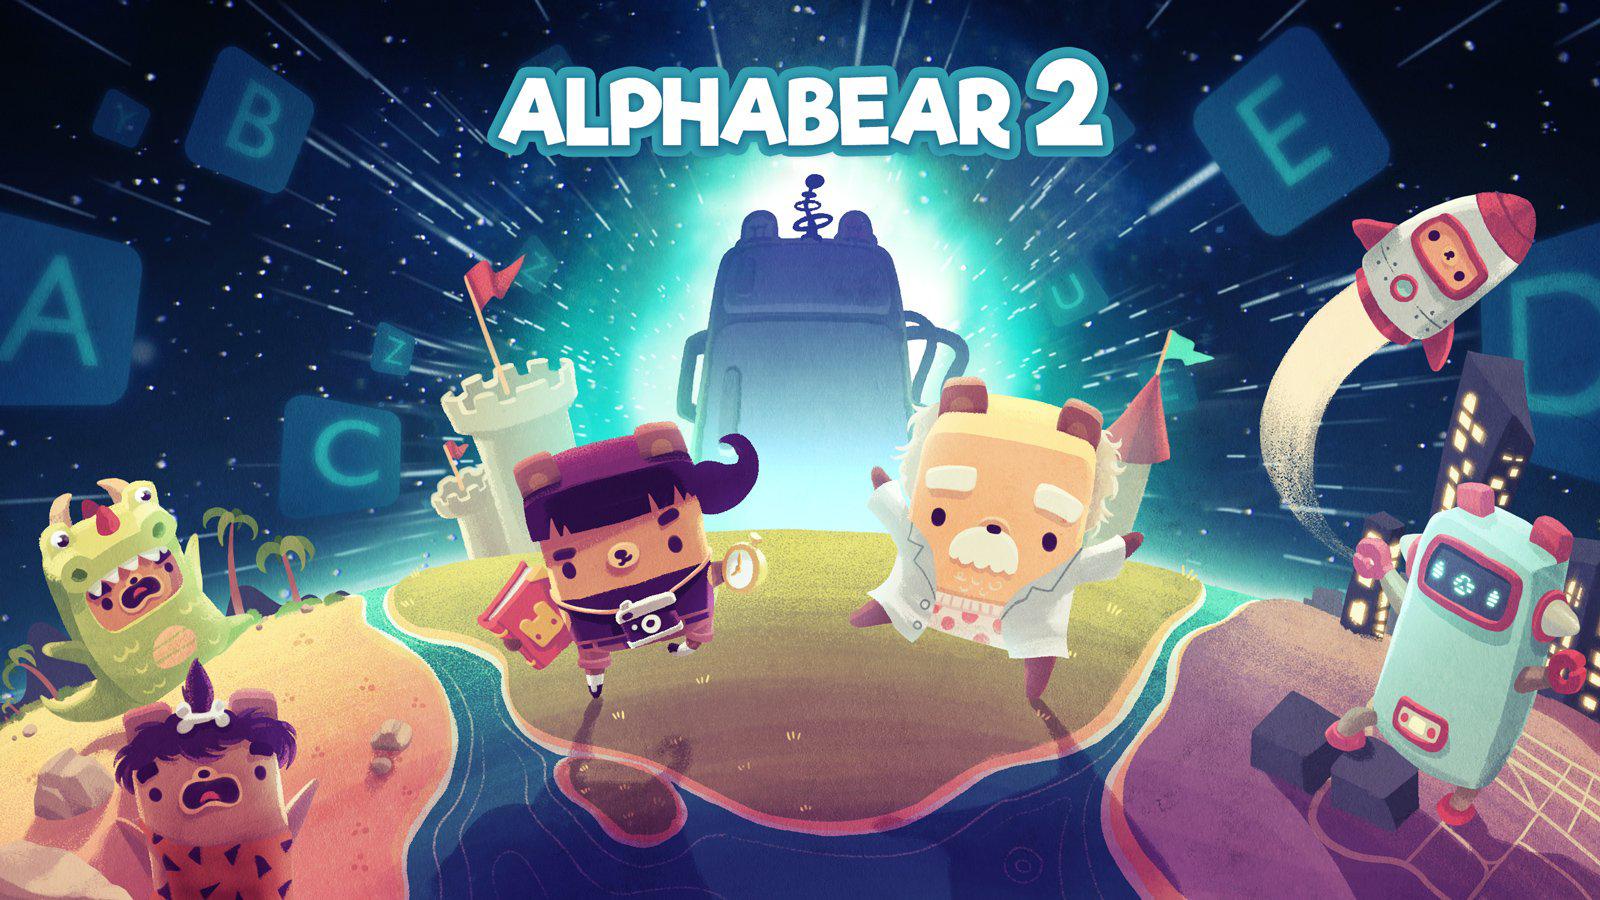 Alphabear 2